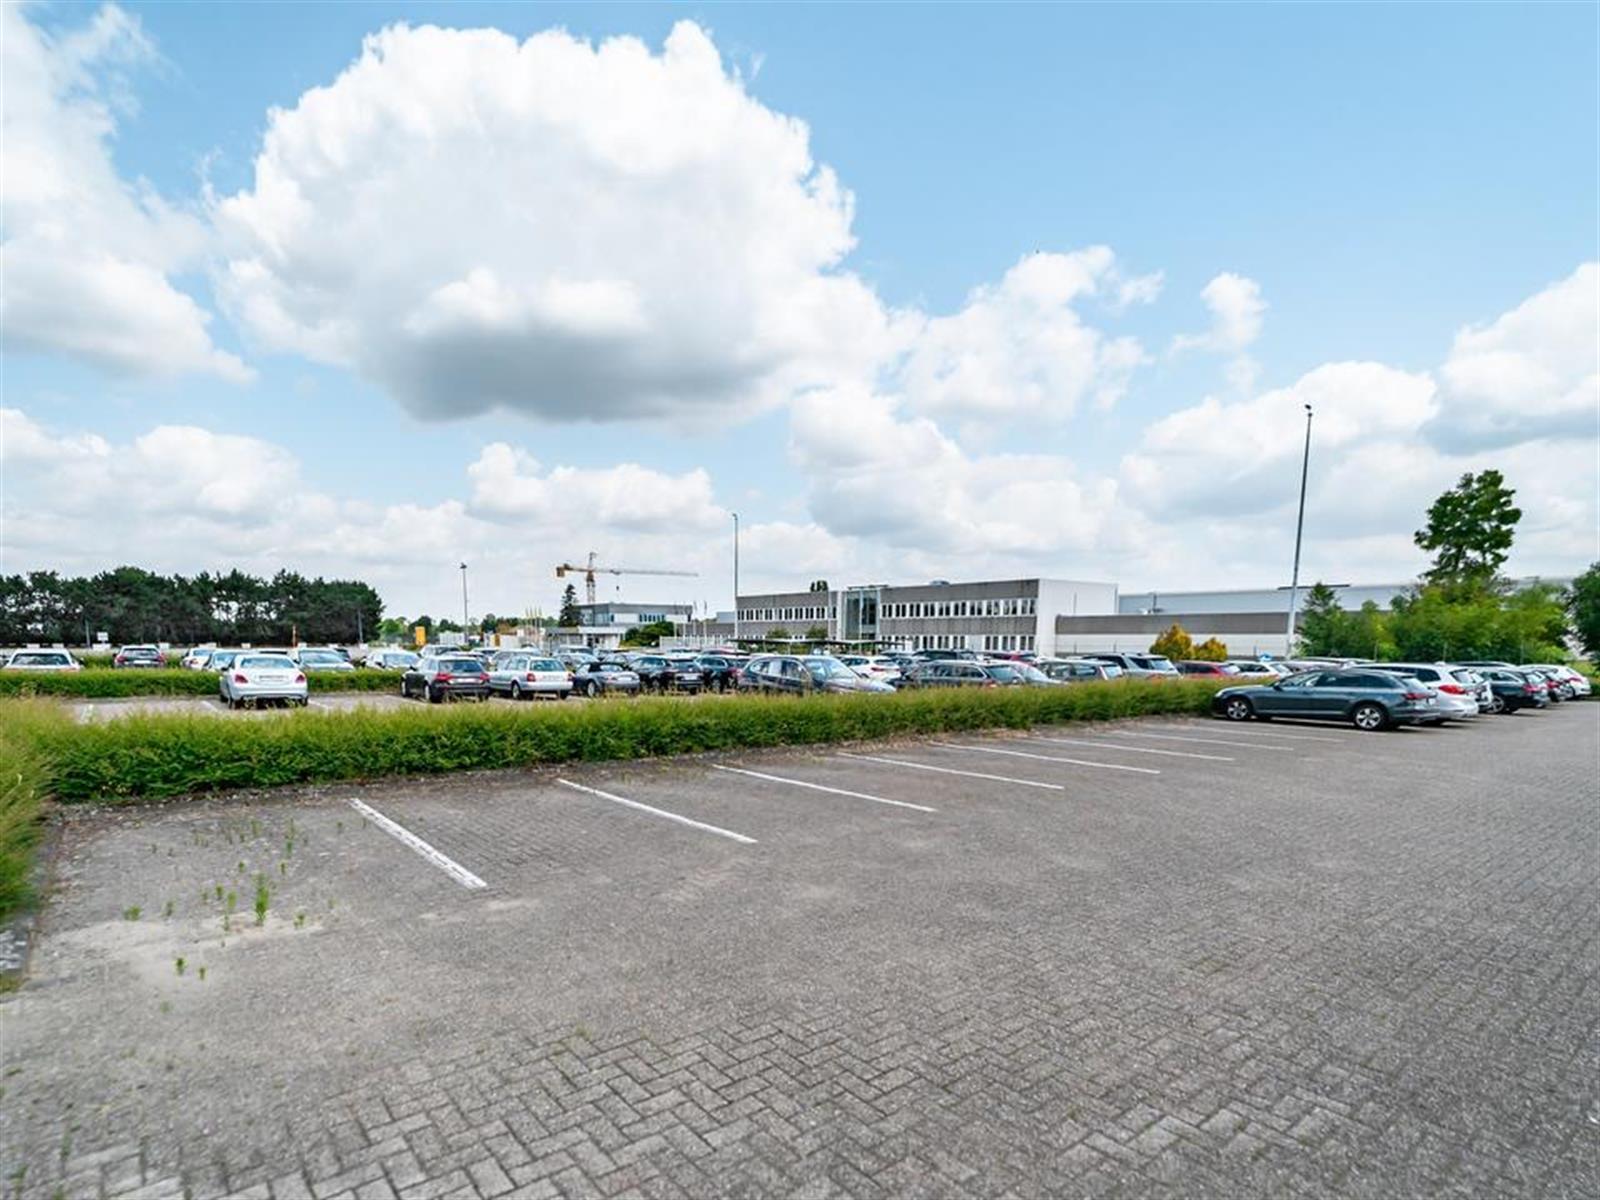 kantoren & magazijn te huur I157 - Satenrozen 11-13, 2550 Kontich, België 10